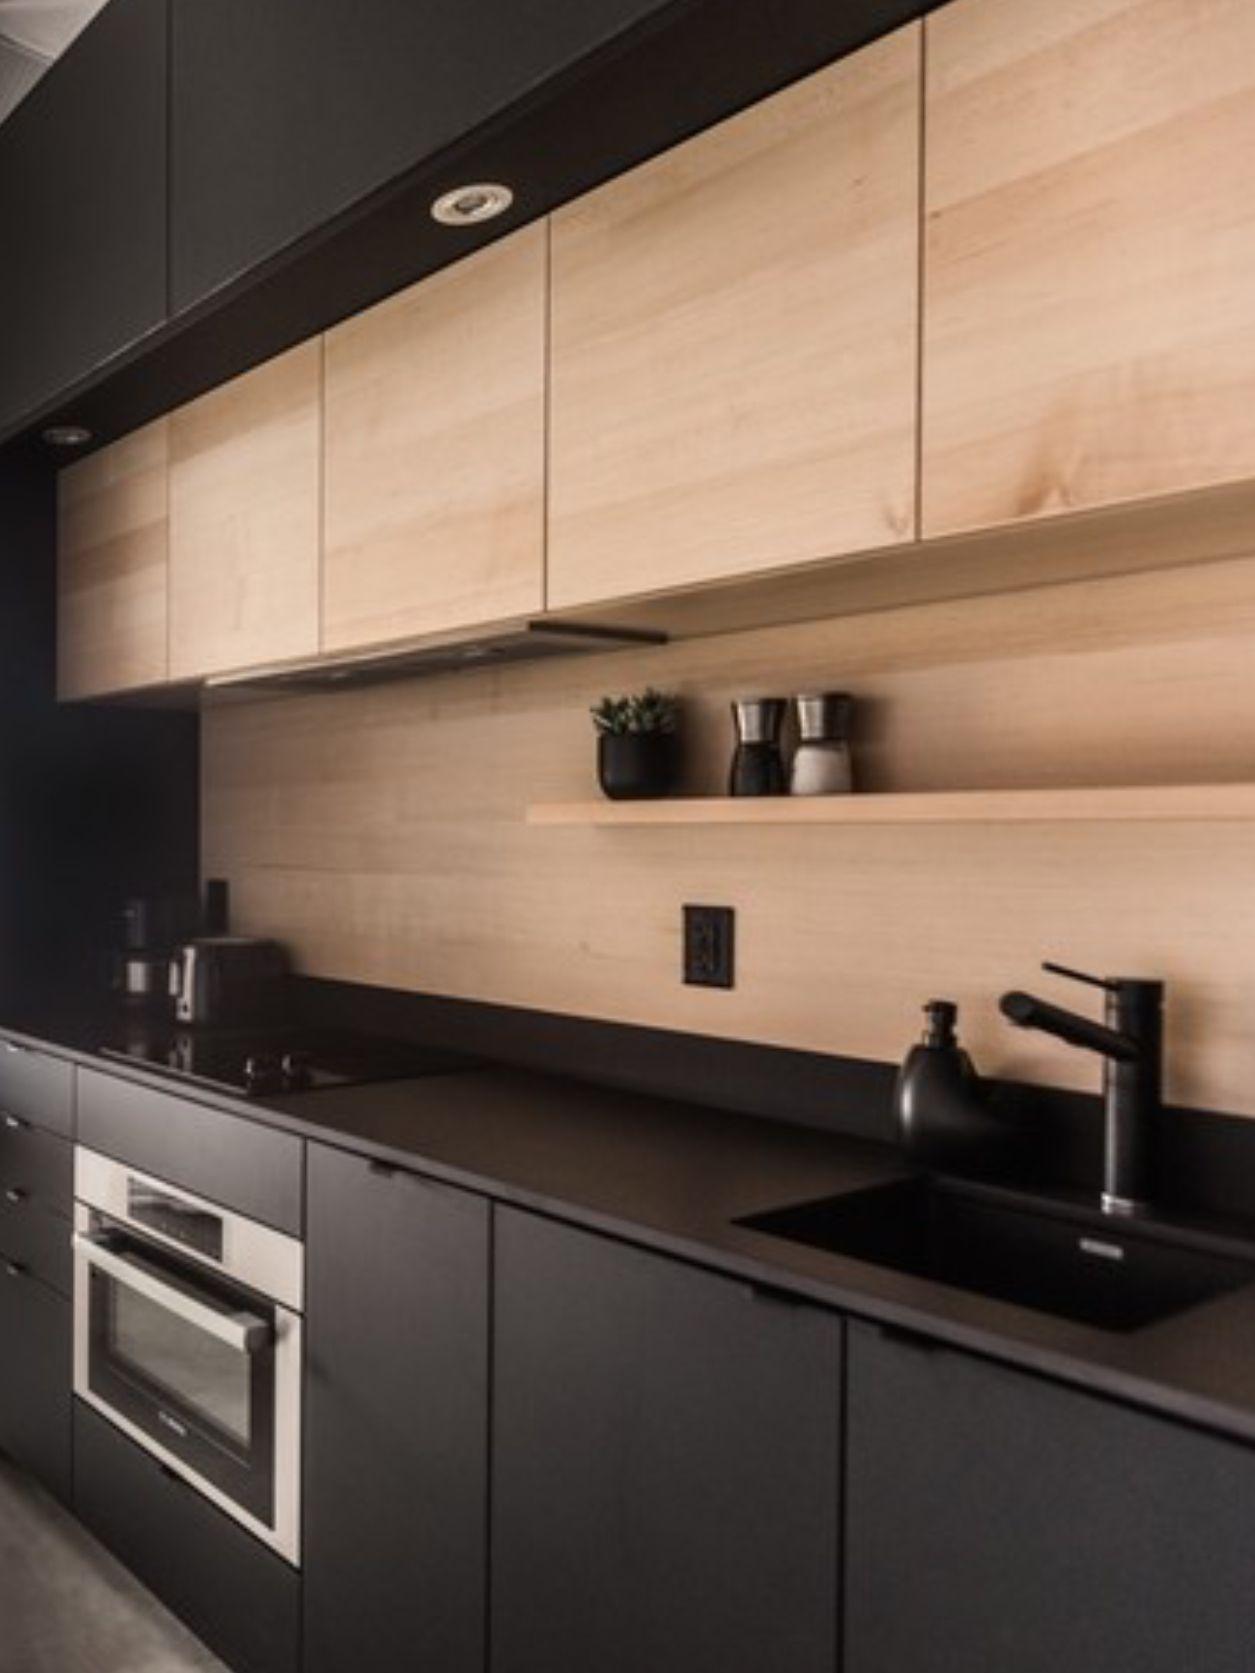 Pin De Ct Erah Em Kitchens Cozinhas Modernas Design De Cozinha Decoracao Cozinha Cinza